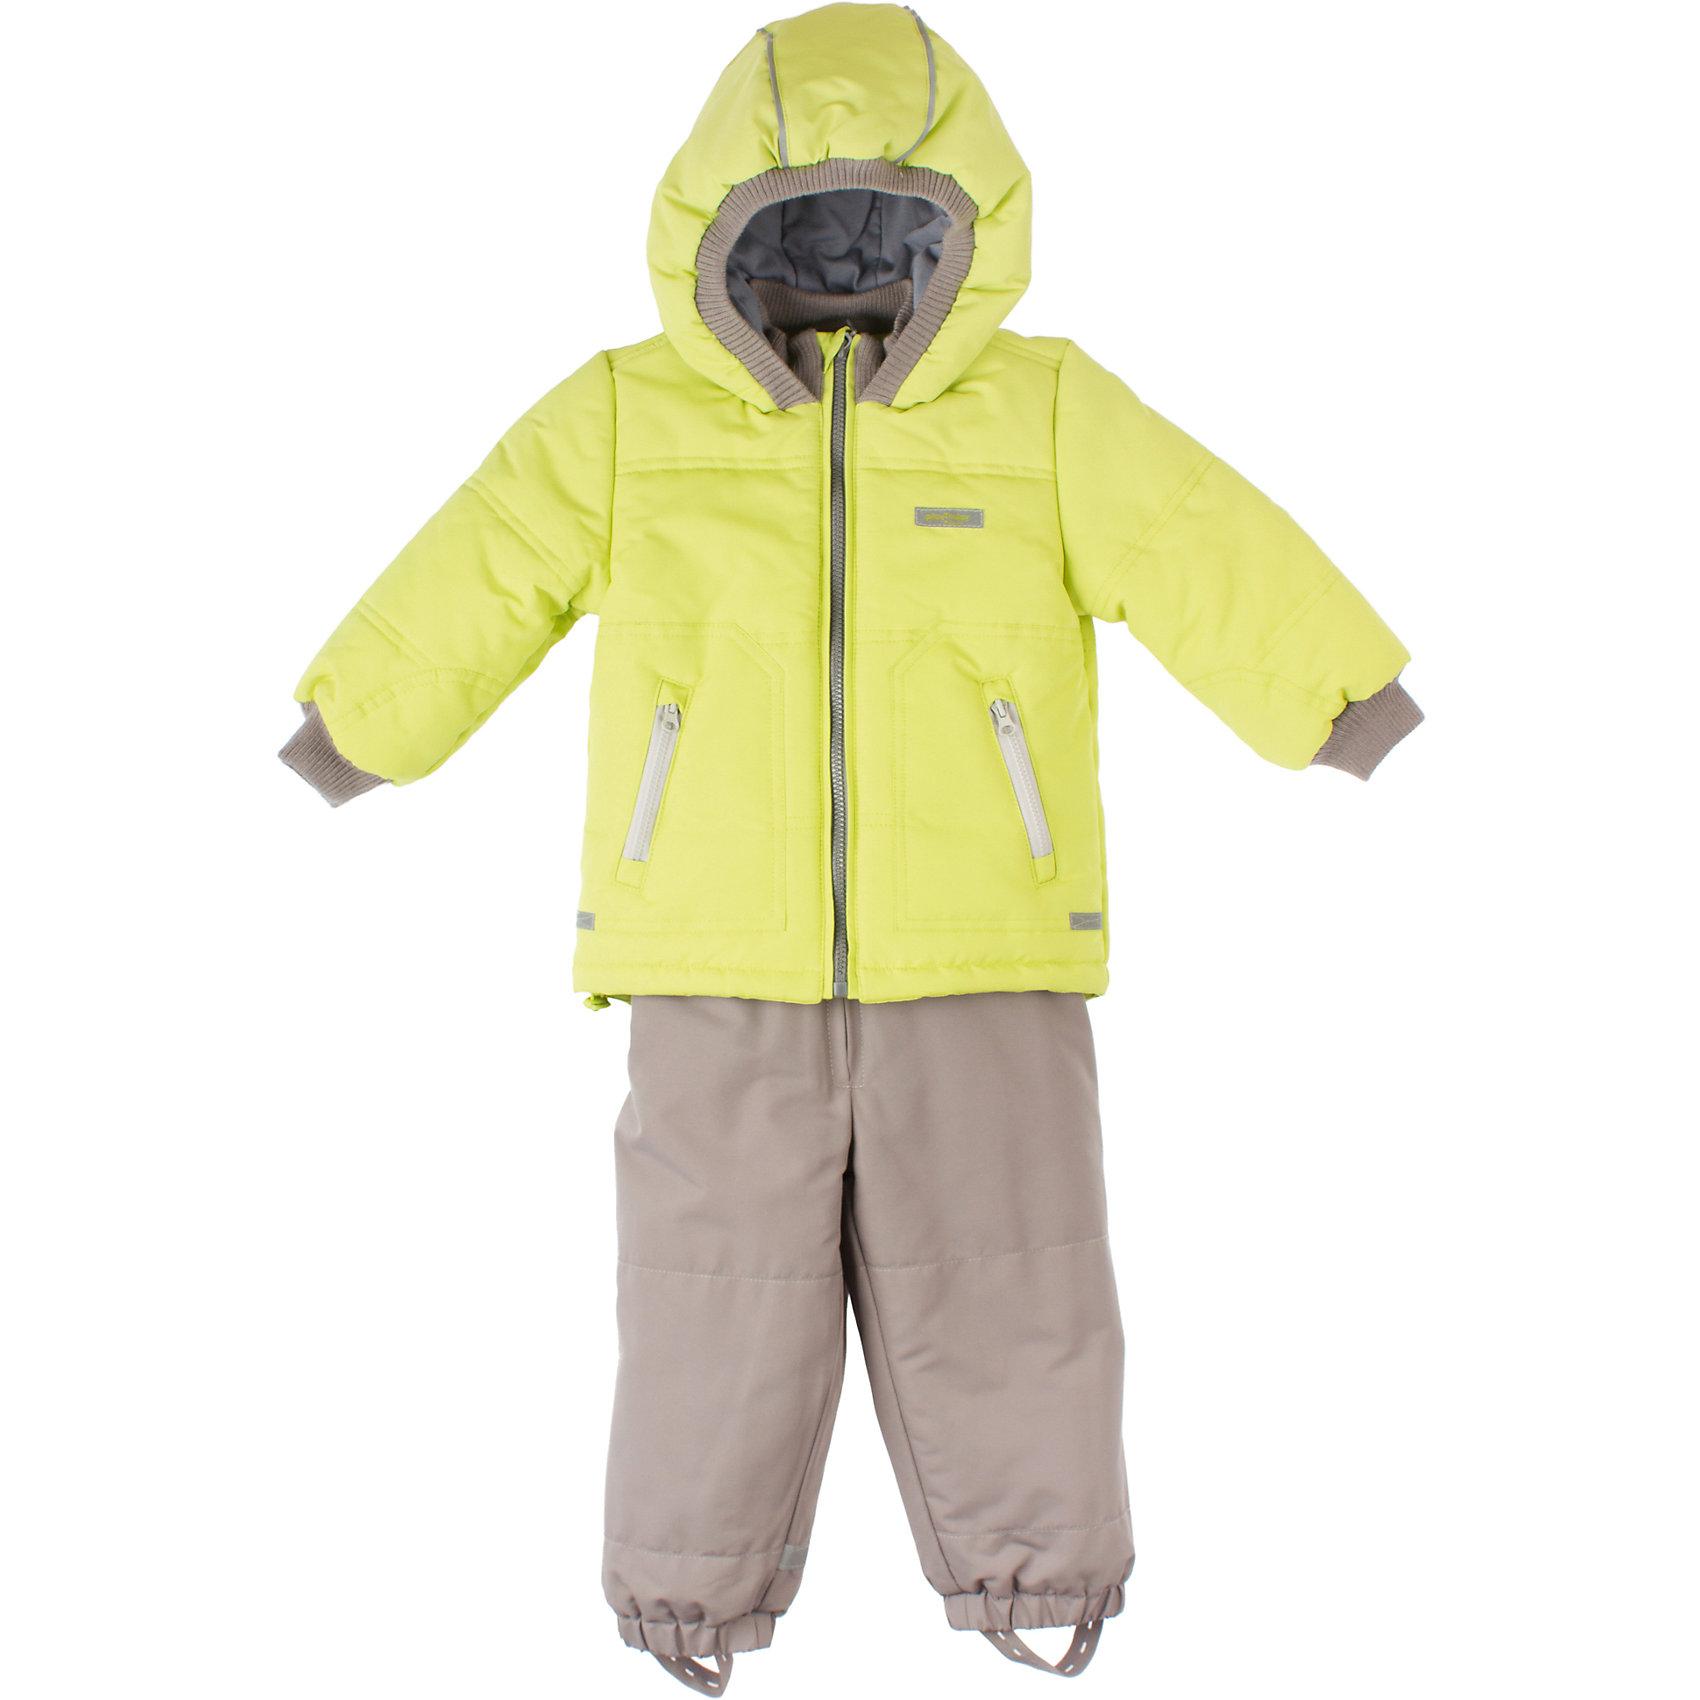 Комплект: куртка и брюки для мальчика PlayTodayДемисезонный комплект для мальчика PlayToday Стильный комплект для холодной погоды. Яркая зеленая куртка на молнии с теплым капюшоном и мягкой трикотажной подкладкой. Есть два кармана на молнии, стопперы и светоотражатели. Состав: Верх: 100% полиэстер, подкладка: 60% хлопок, 40% полиэстер, наполнитель: 100% полиэстер<br><br>Ширина мм: 190<br>Глубина мм: 74<br>Высота мм: 229<br>Вес г: 236<br>Цвет: зеленый<br>Возраст от месяцев: 6<br>Возраст до месяцев: 9<br>Пол: Мужской<br>Возраст: Детский<br>Размер: 74,80,86,92<br>SKU: 4228979